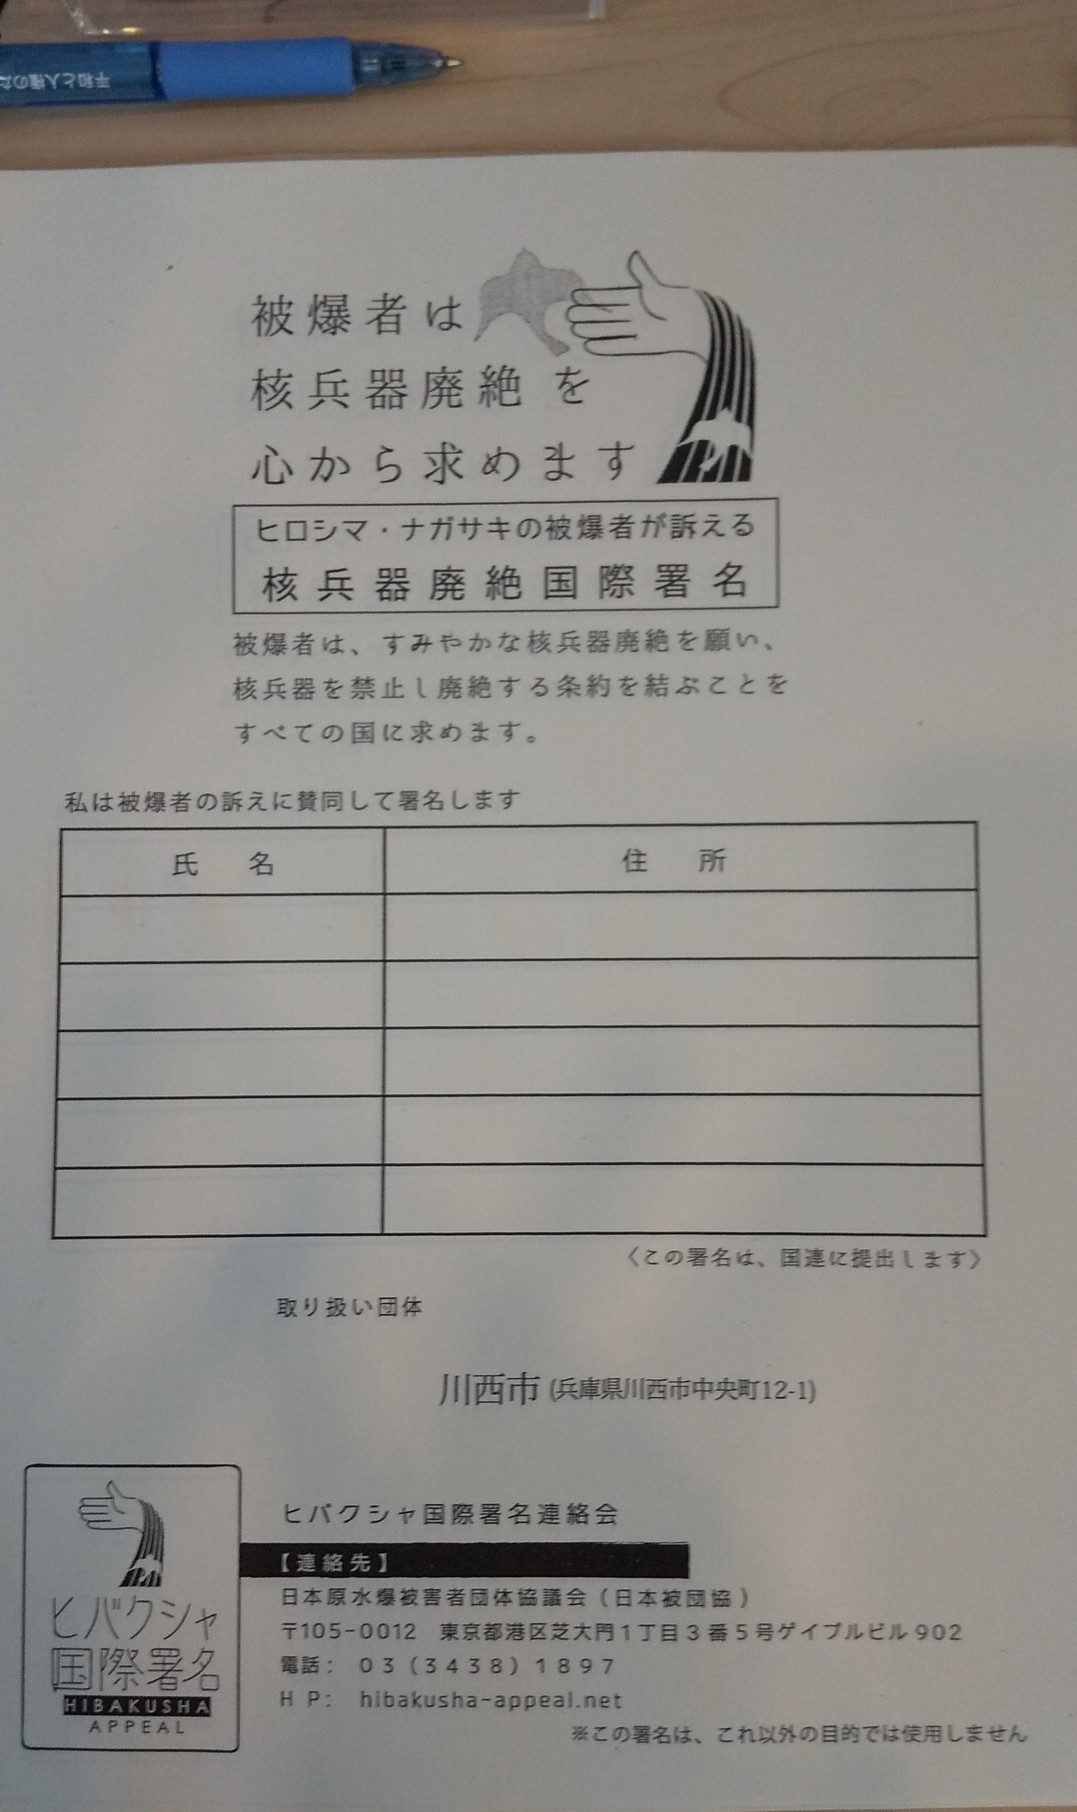 😊 7月臨時議会が行われます 📝 市役所ロビーで平和・核兵器廃絶の署名 👍️7月7日国民平和大行進 🌝_f0061067_23372572.jpg